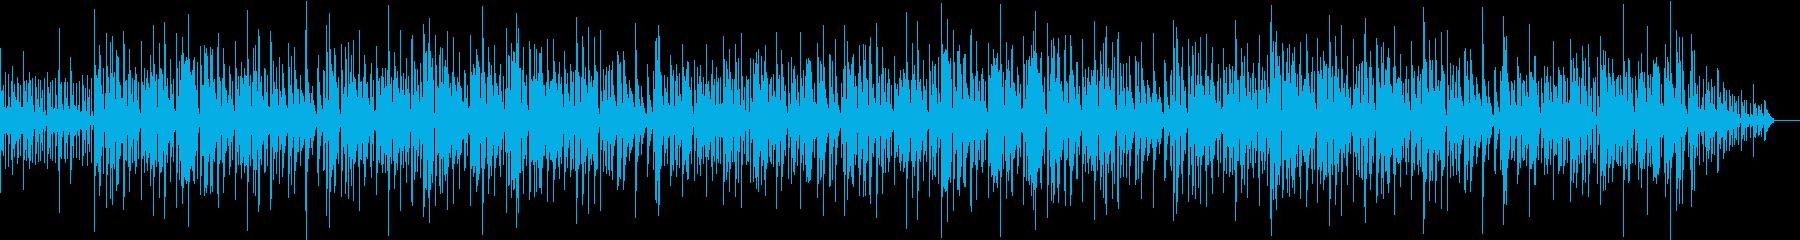 軽快で洗練されたジャズの再生済みの波形